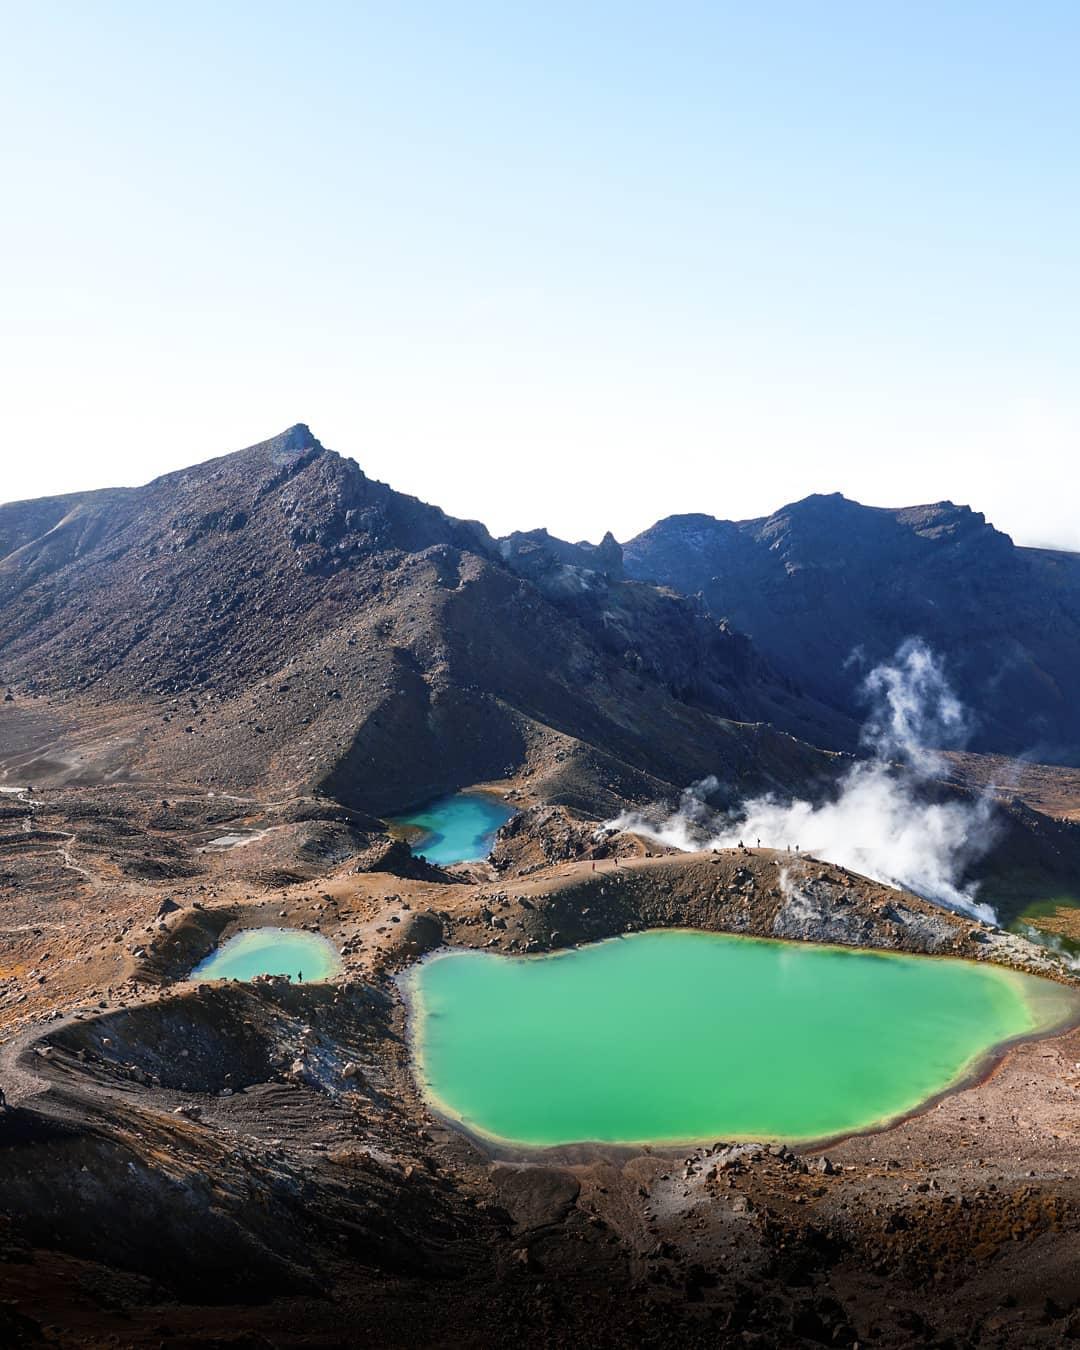 Khám phá vẻ đẹp của công viên quốc gia Tongariro